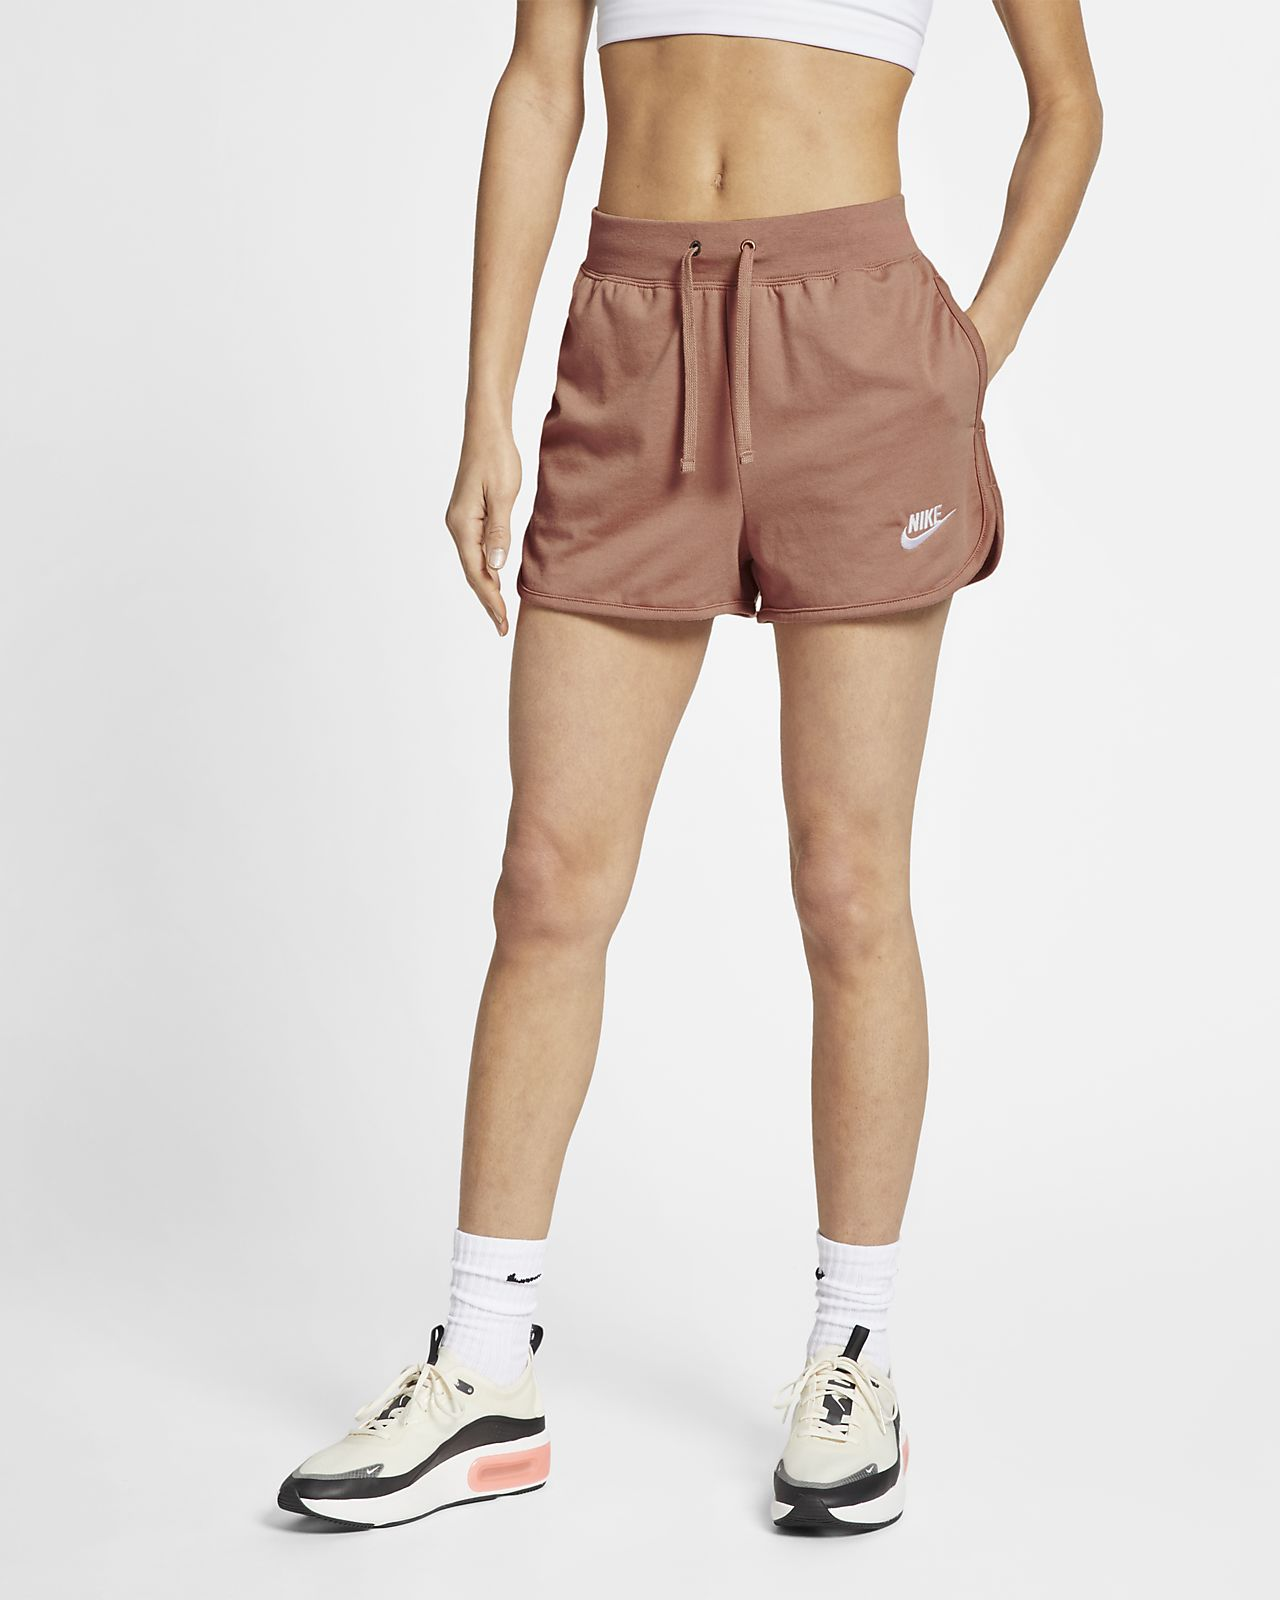 c74a8f0f4 Low Resolution Nike Sportswear Women's Jersey Shorts Nike Sportswear Women's  Jersey Shorts